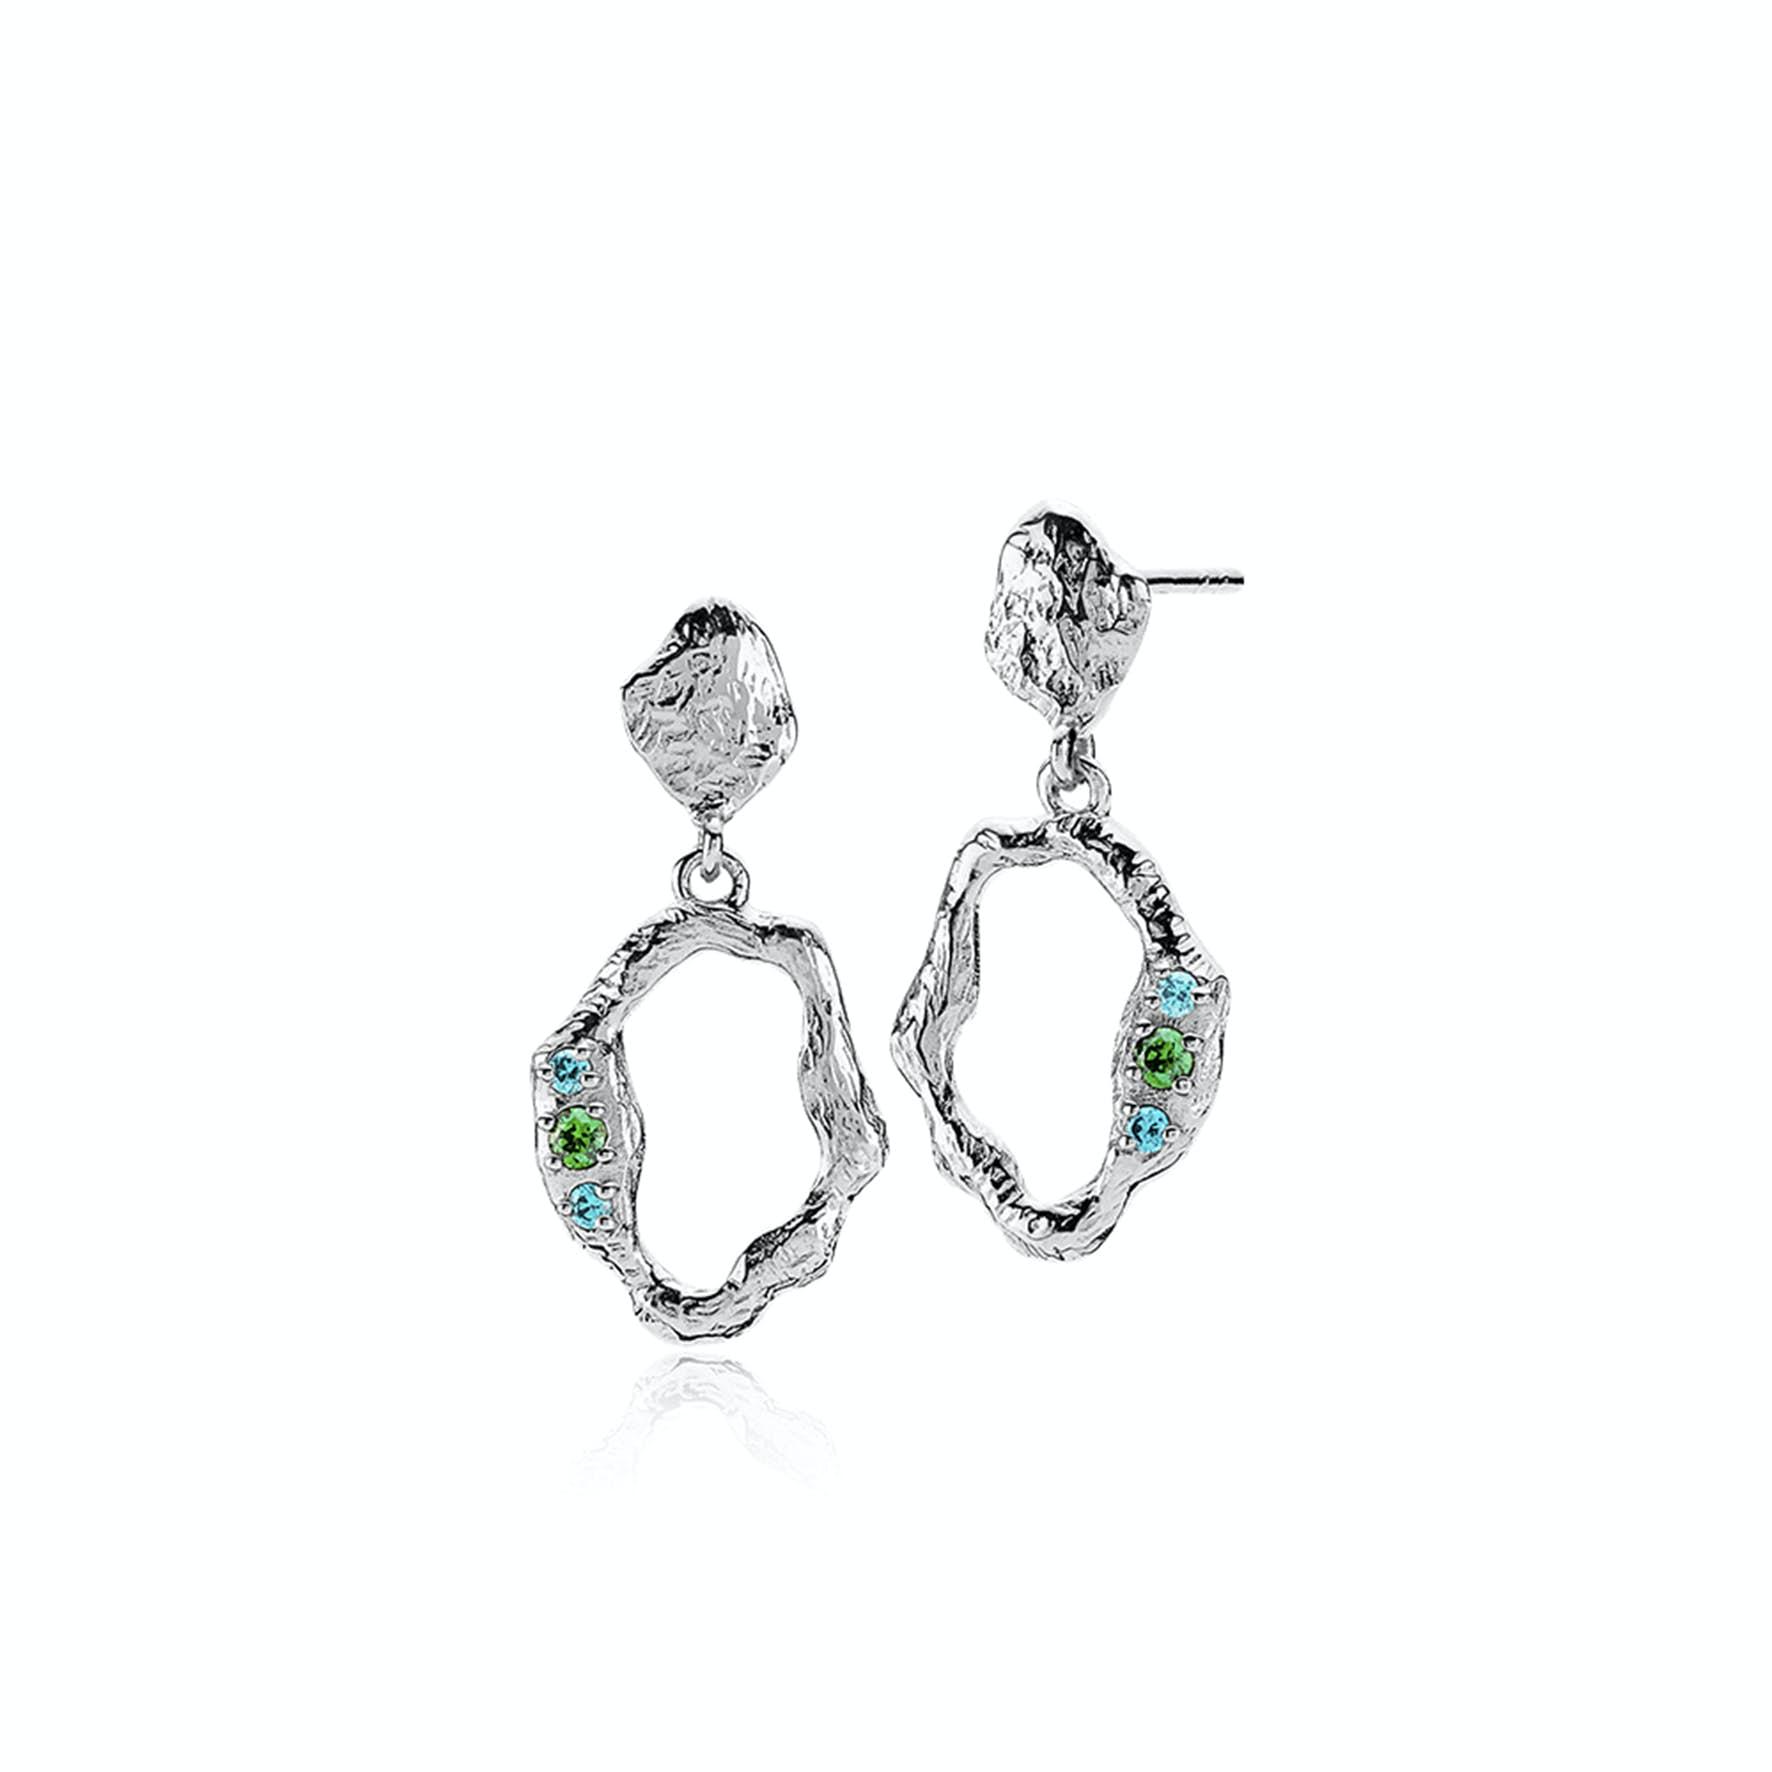 Ocean Earrings fra Izabel Camille i Sølv Sterling 925